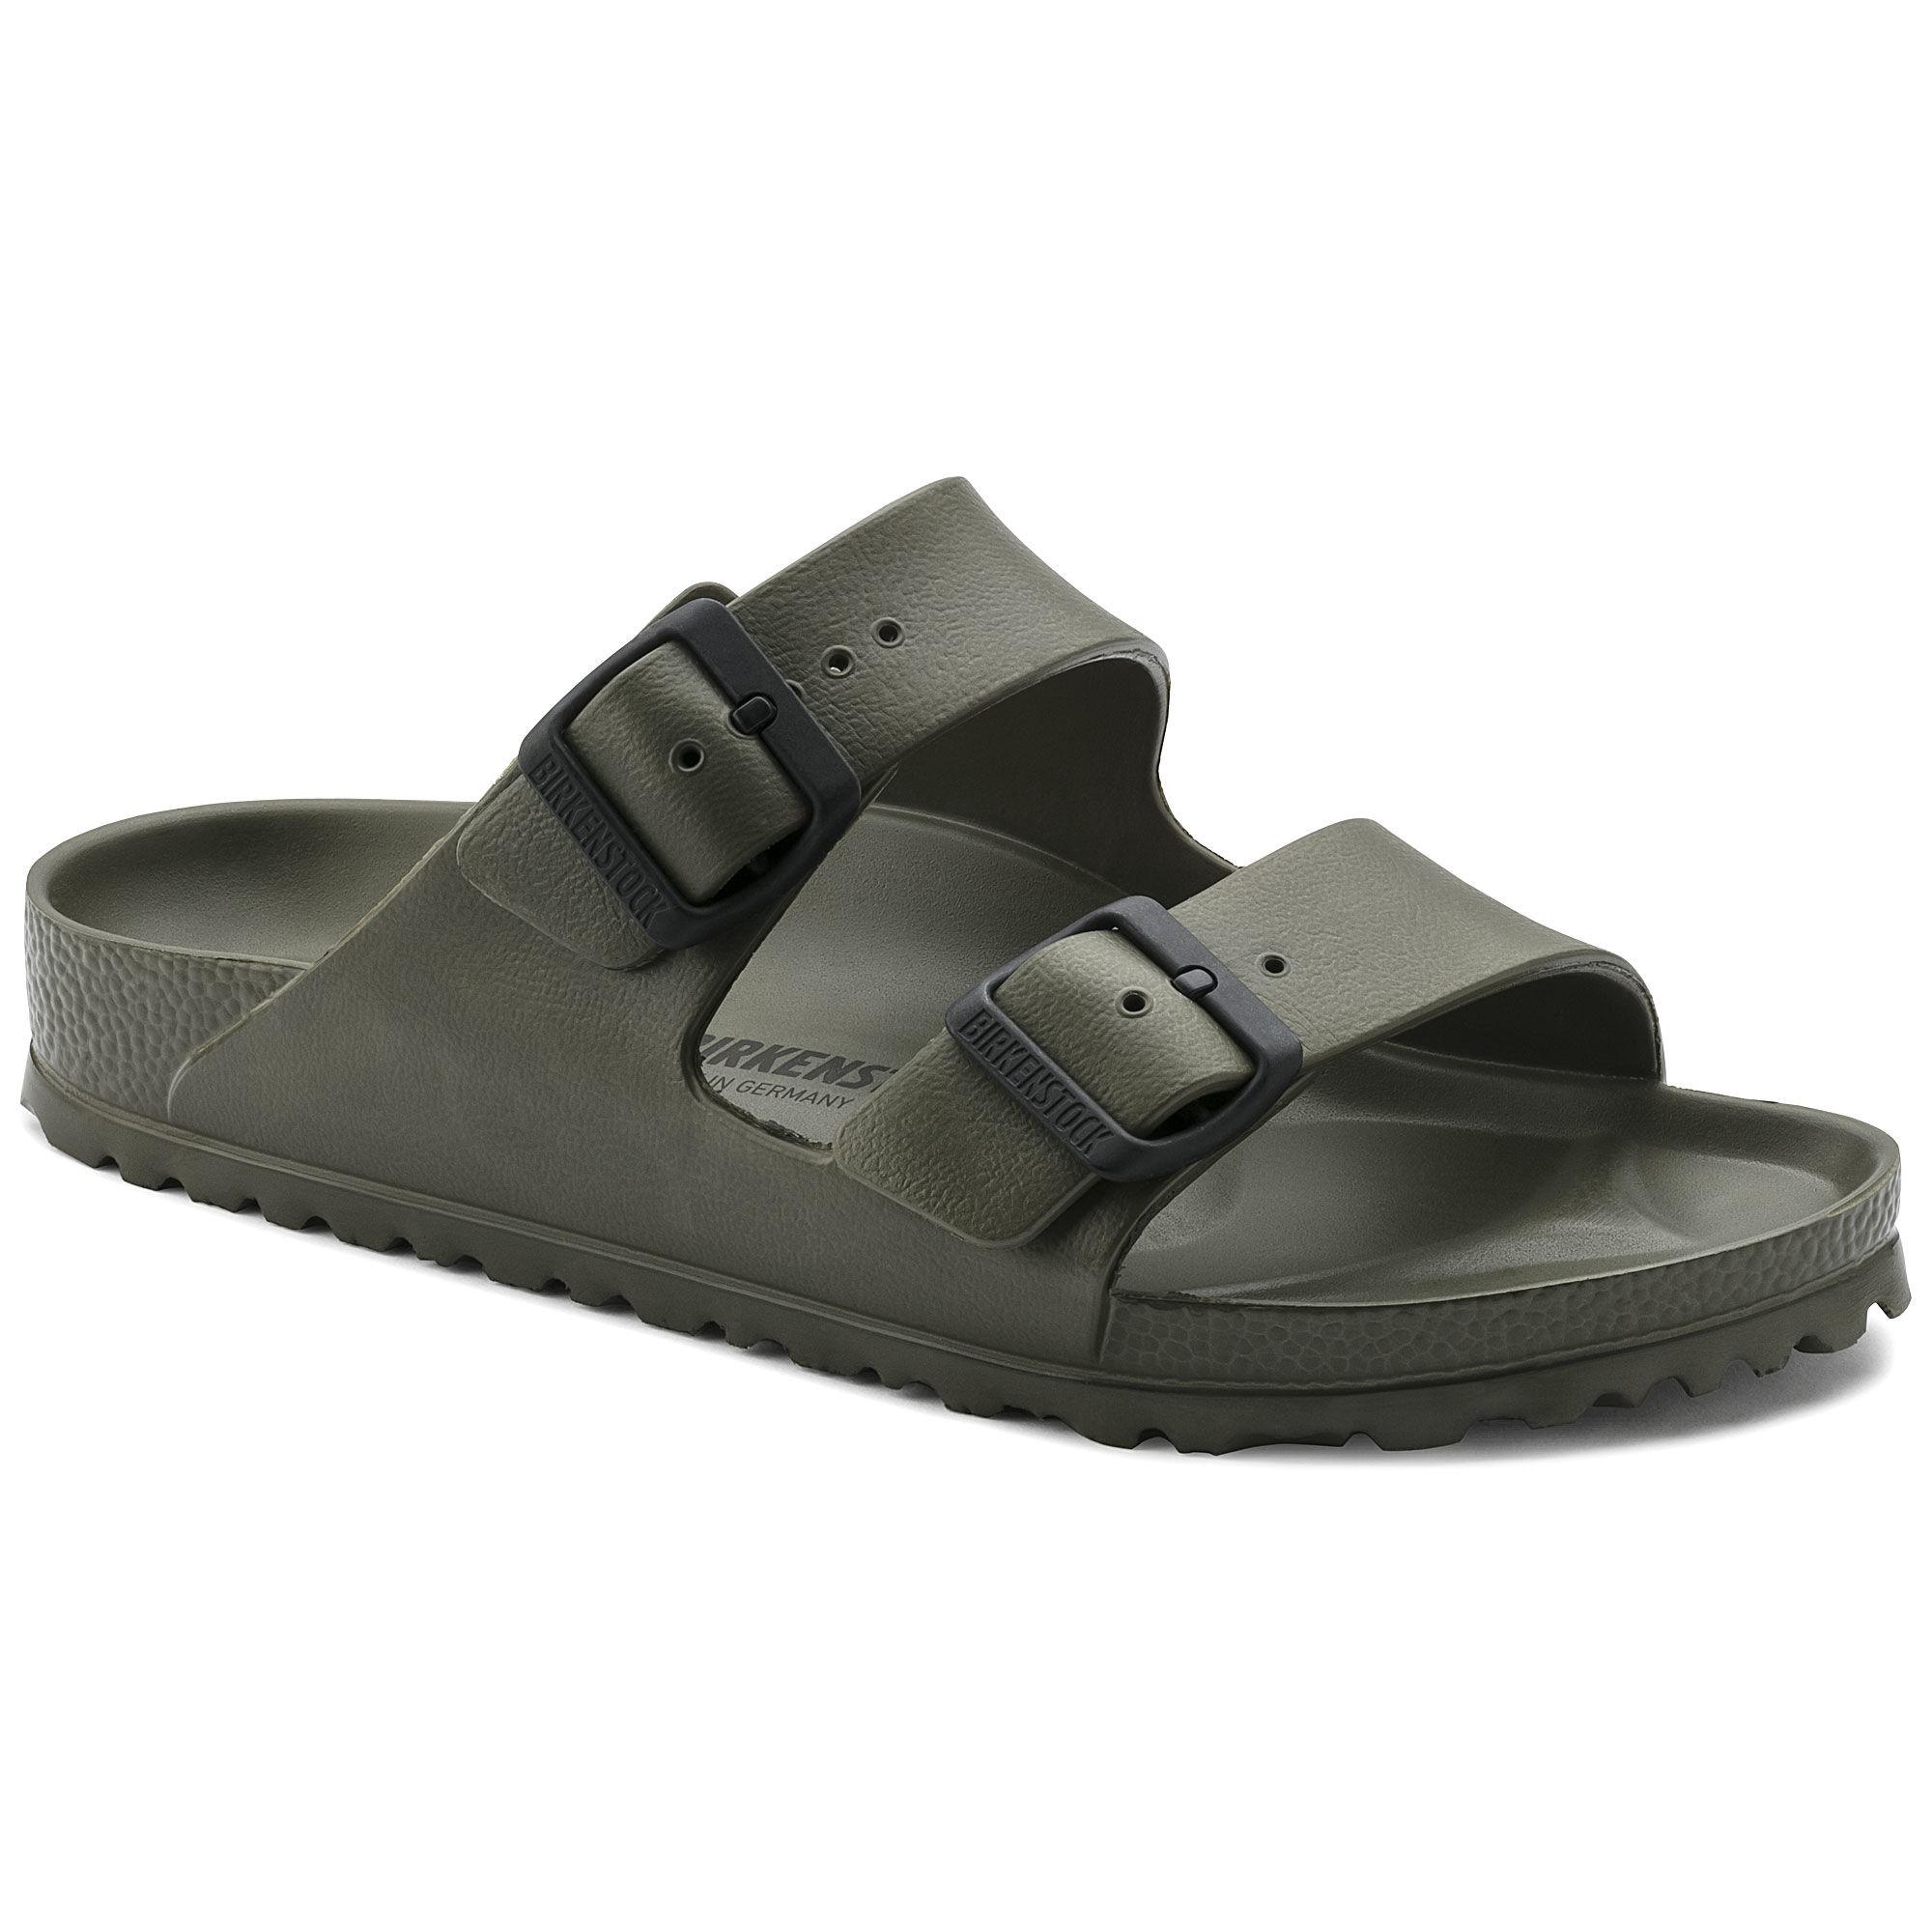 Birkenstock Arizona Khaki EVA Sandals